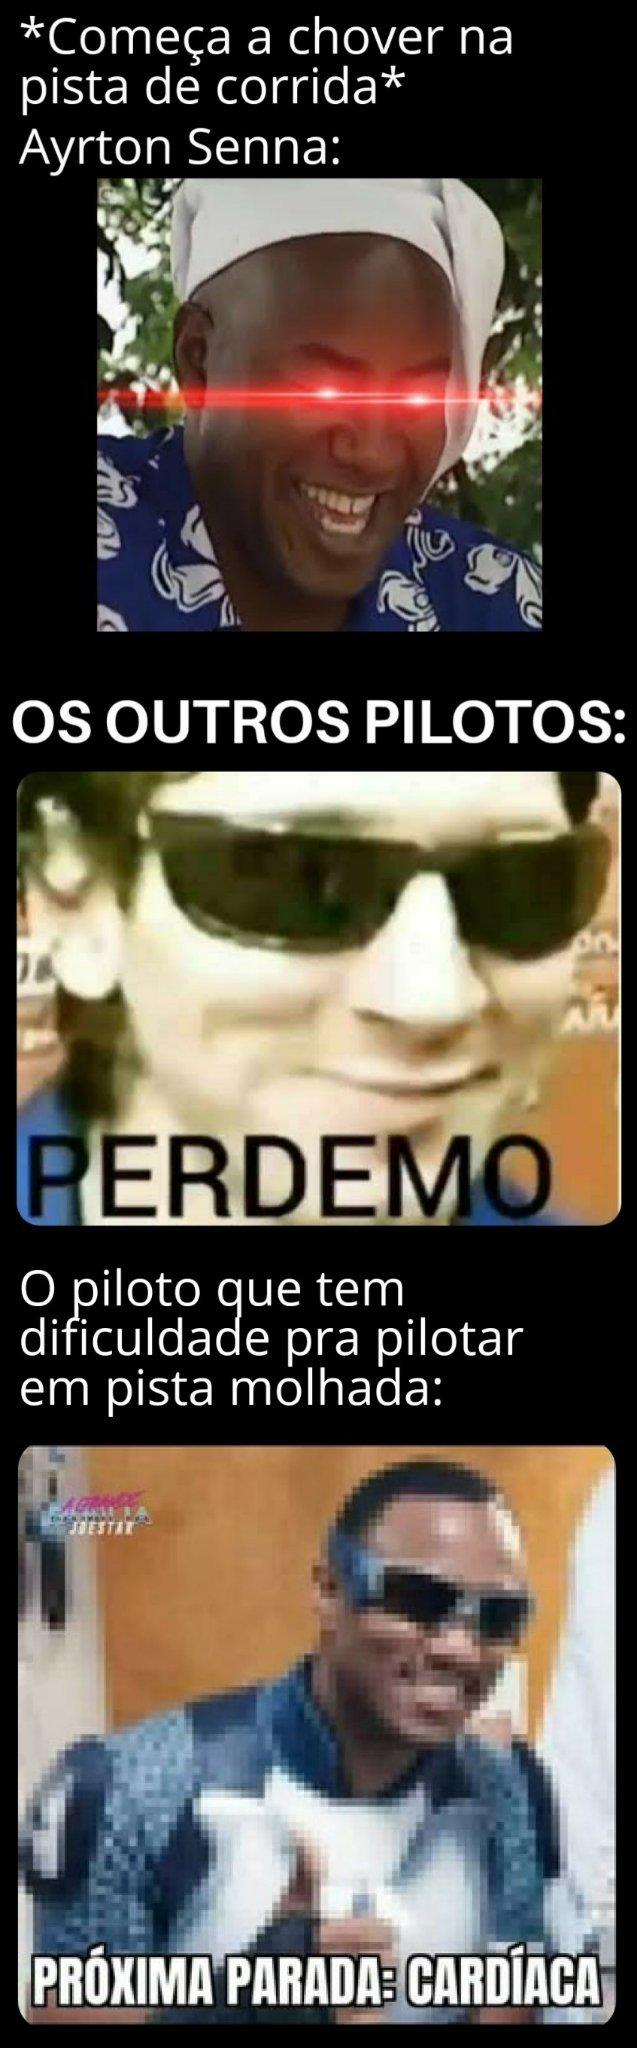 Quem dera se o Senna estivesse vivo hoje em dia - meme